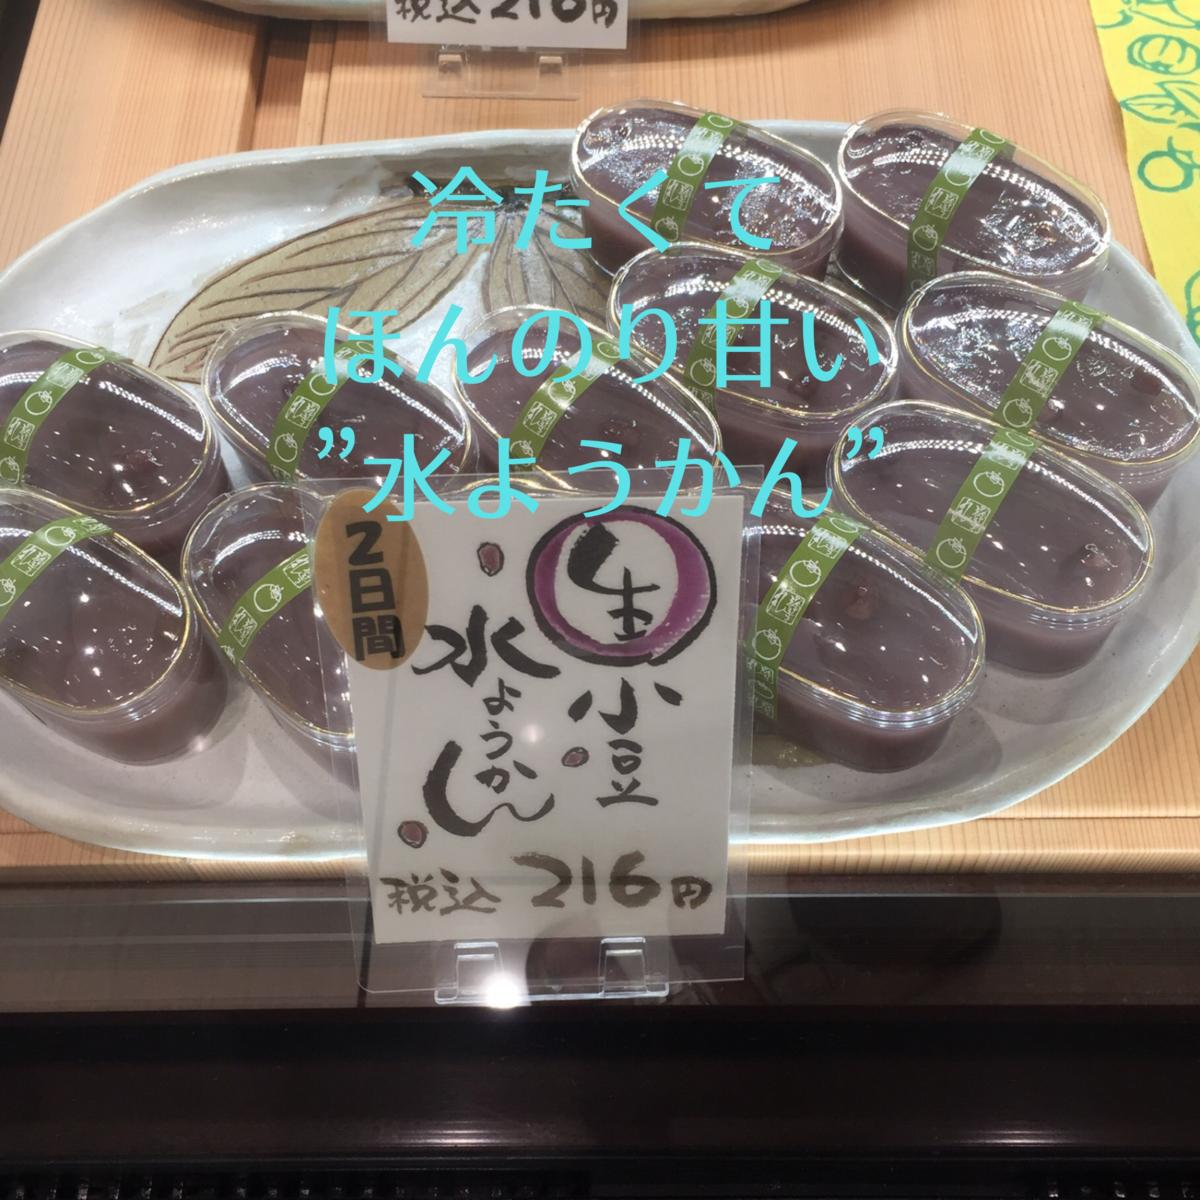 小田急百貨店町田店のB1Fにある有名店舗を紹介するための水ようかんのイメージ画像